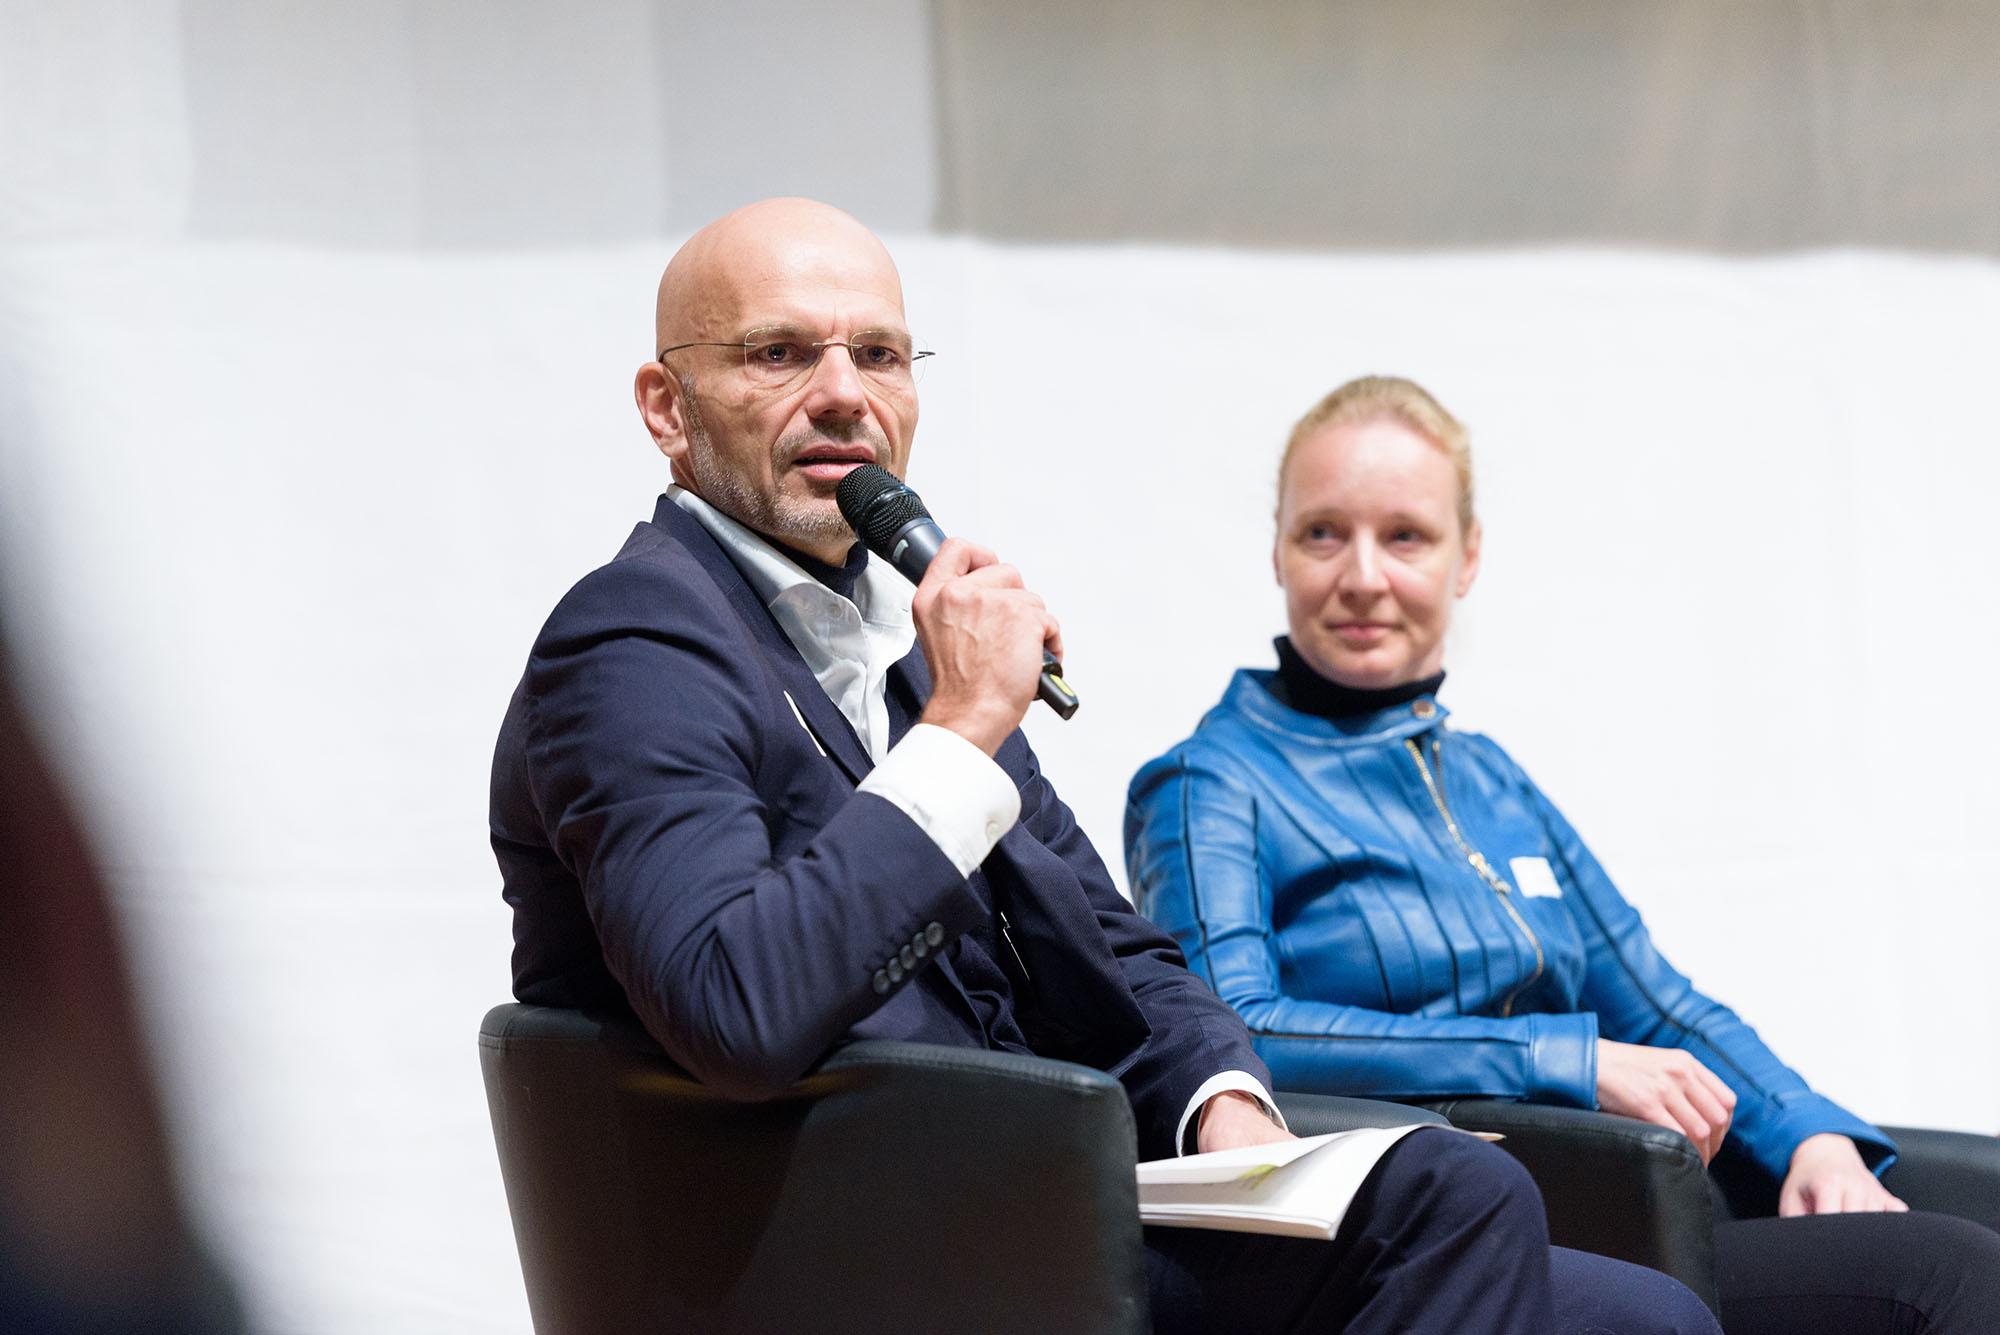 Max Schachinger, Denise Fessler